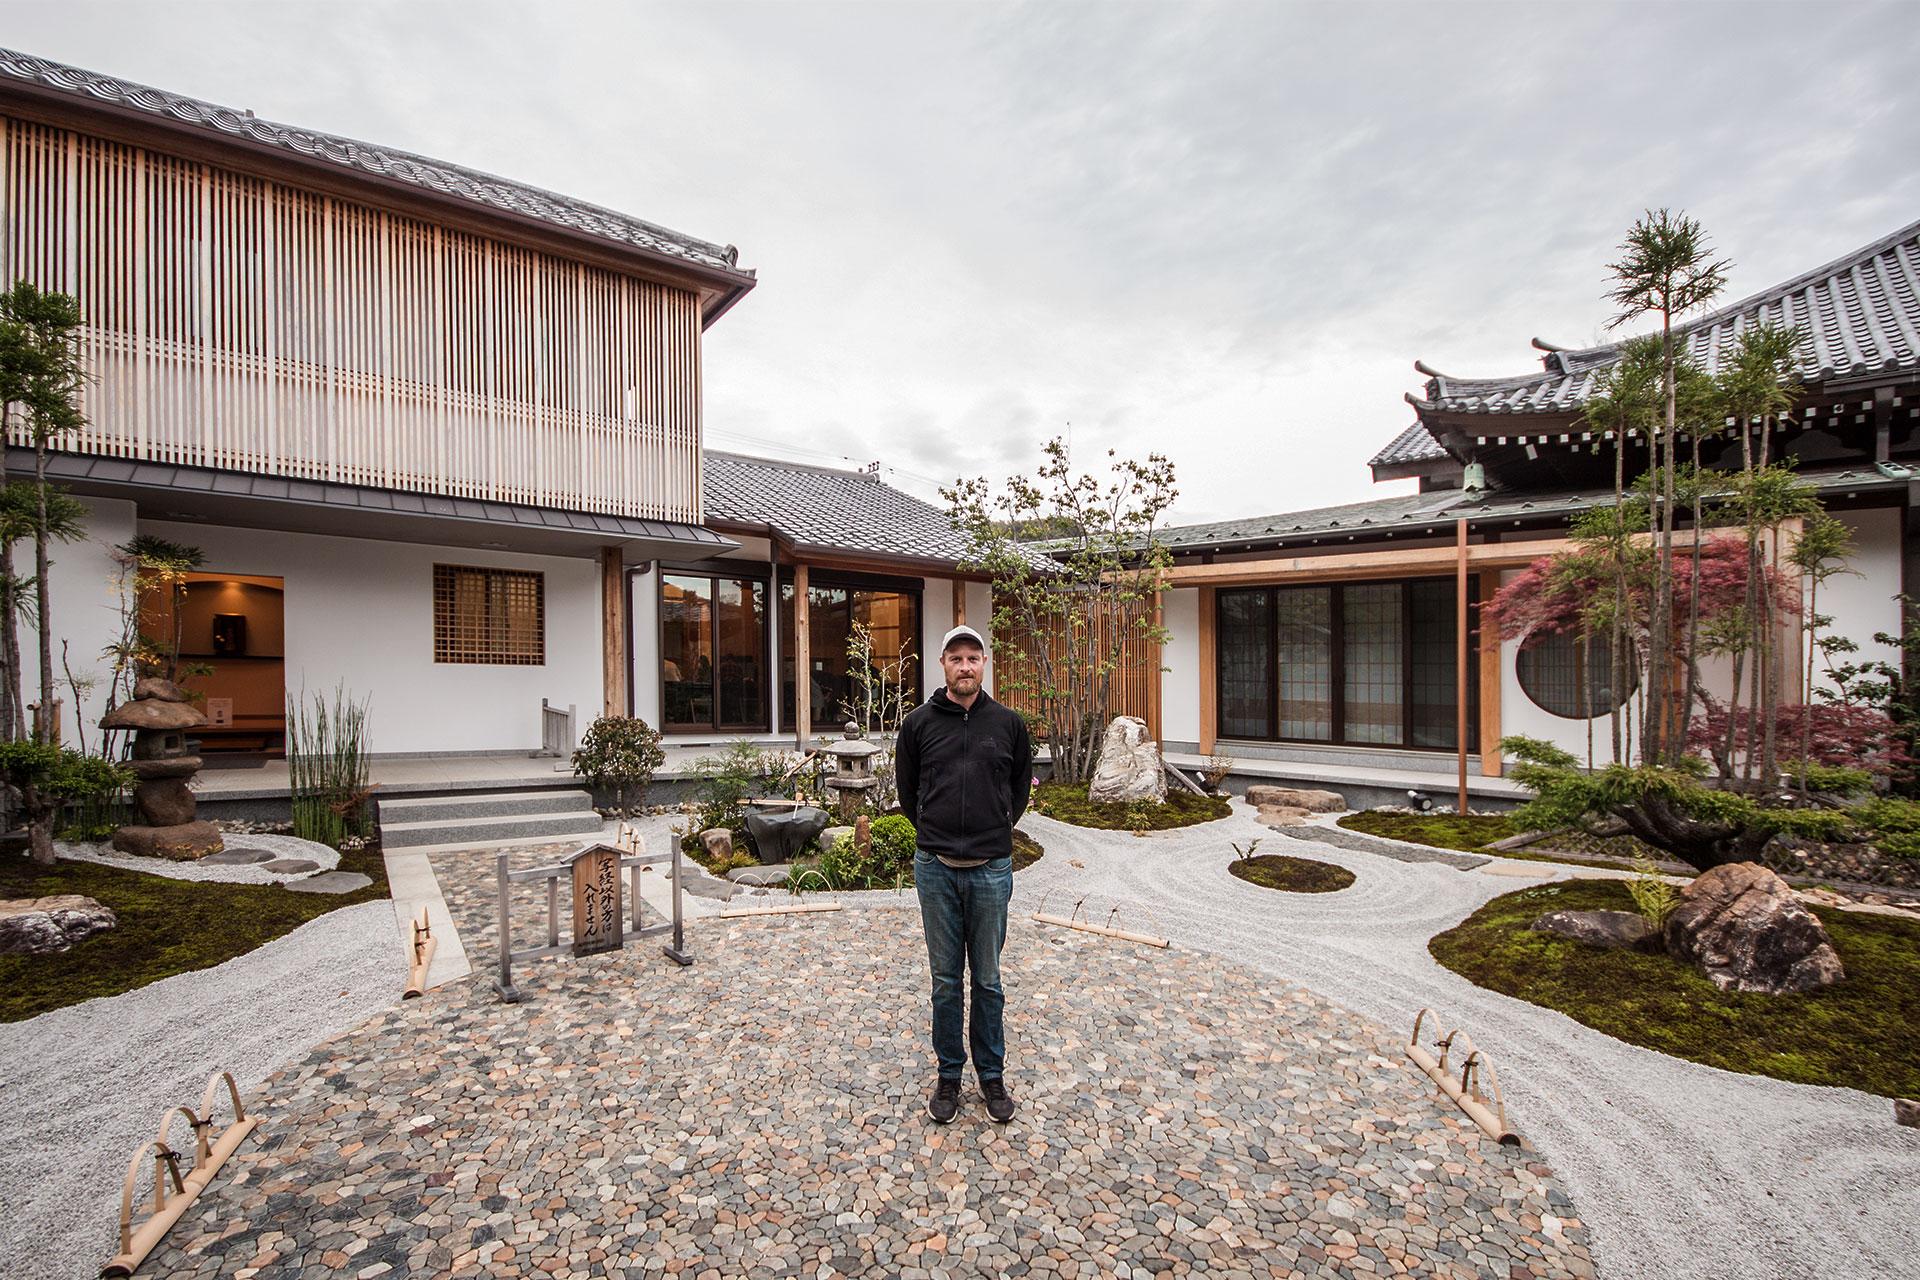 Modernes Haus mit traditionellen Elementen. Das würde dem jungen Mann auch gefallen.